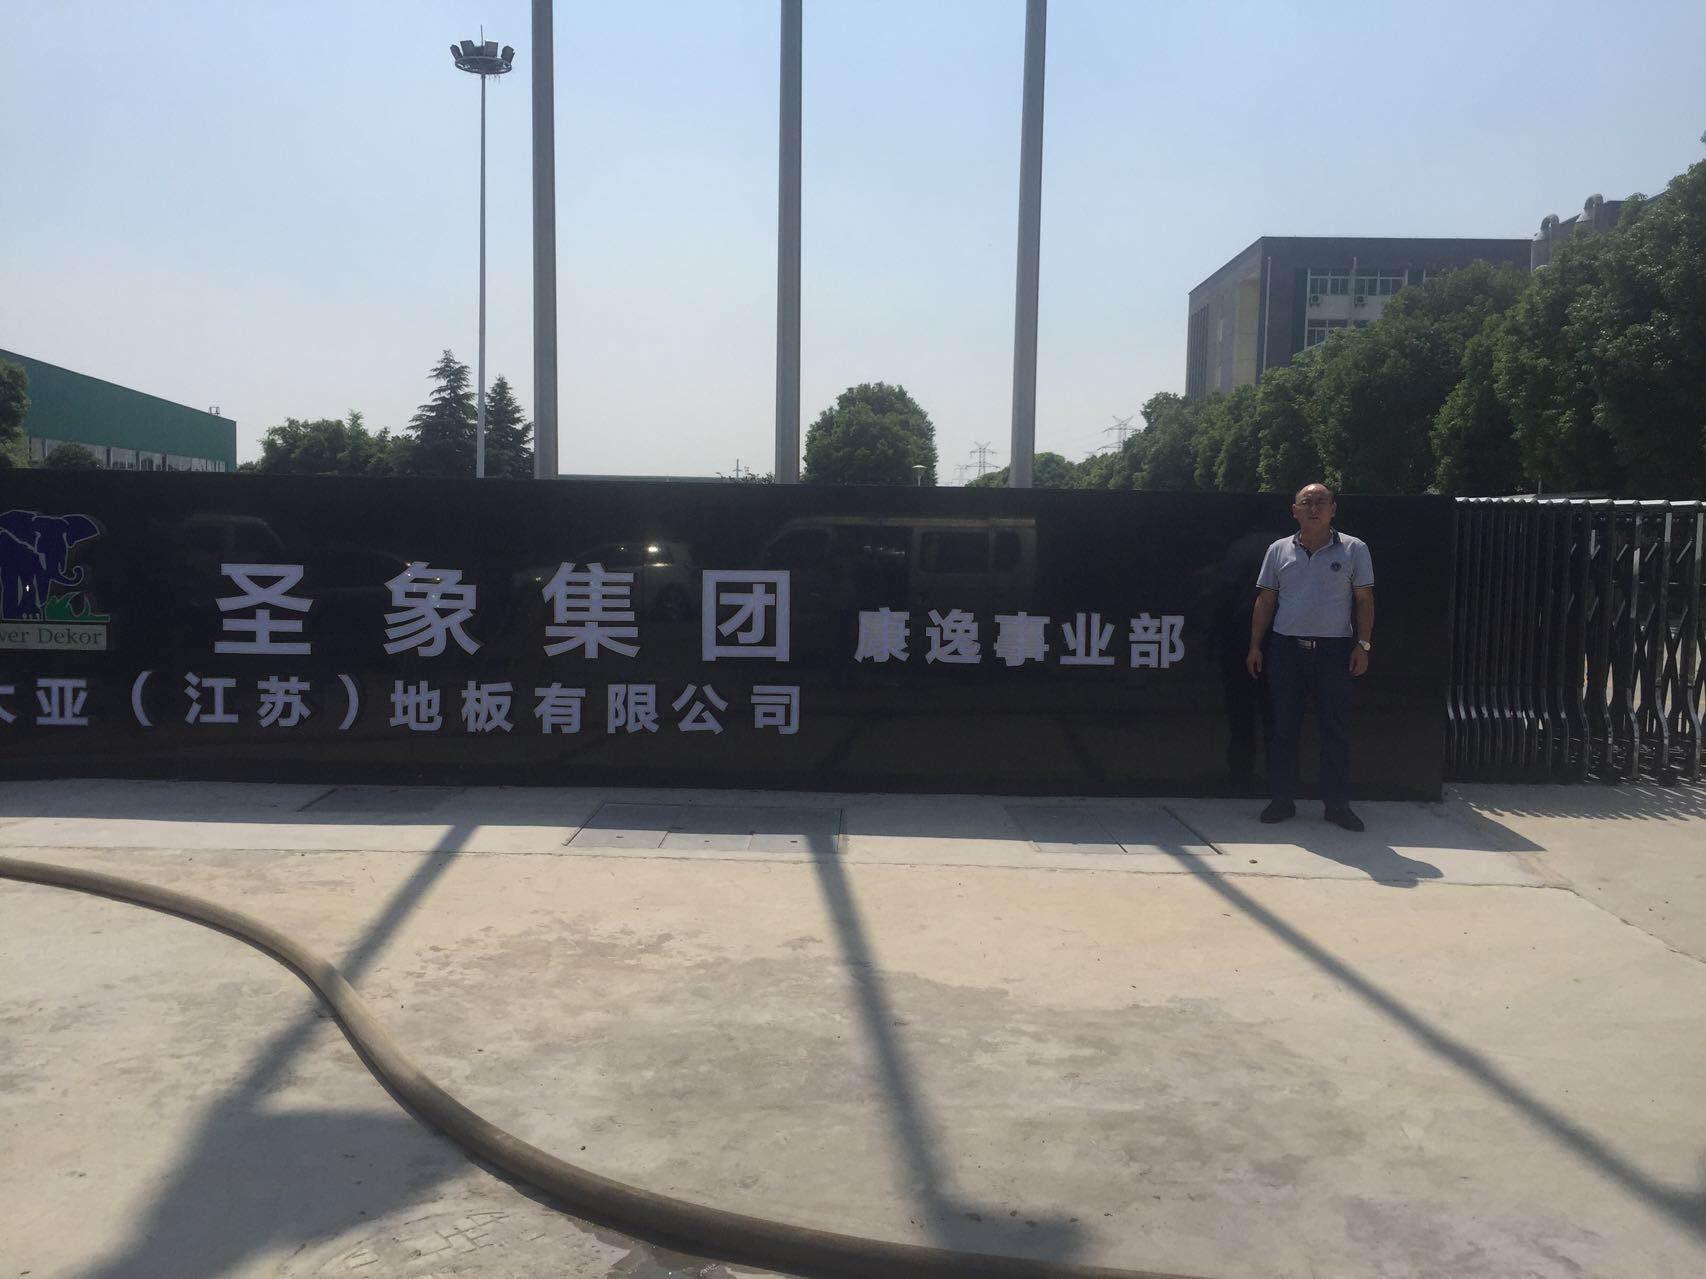 圣象集团有限公司江苏分公司